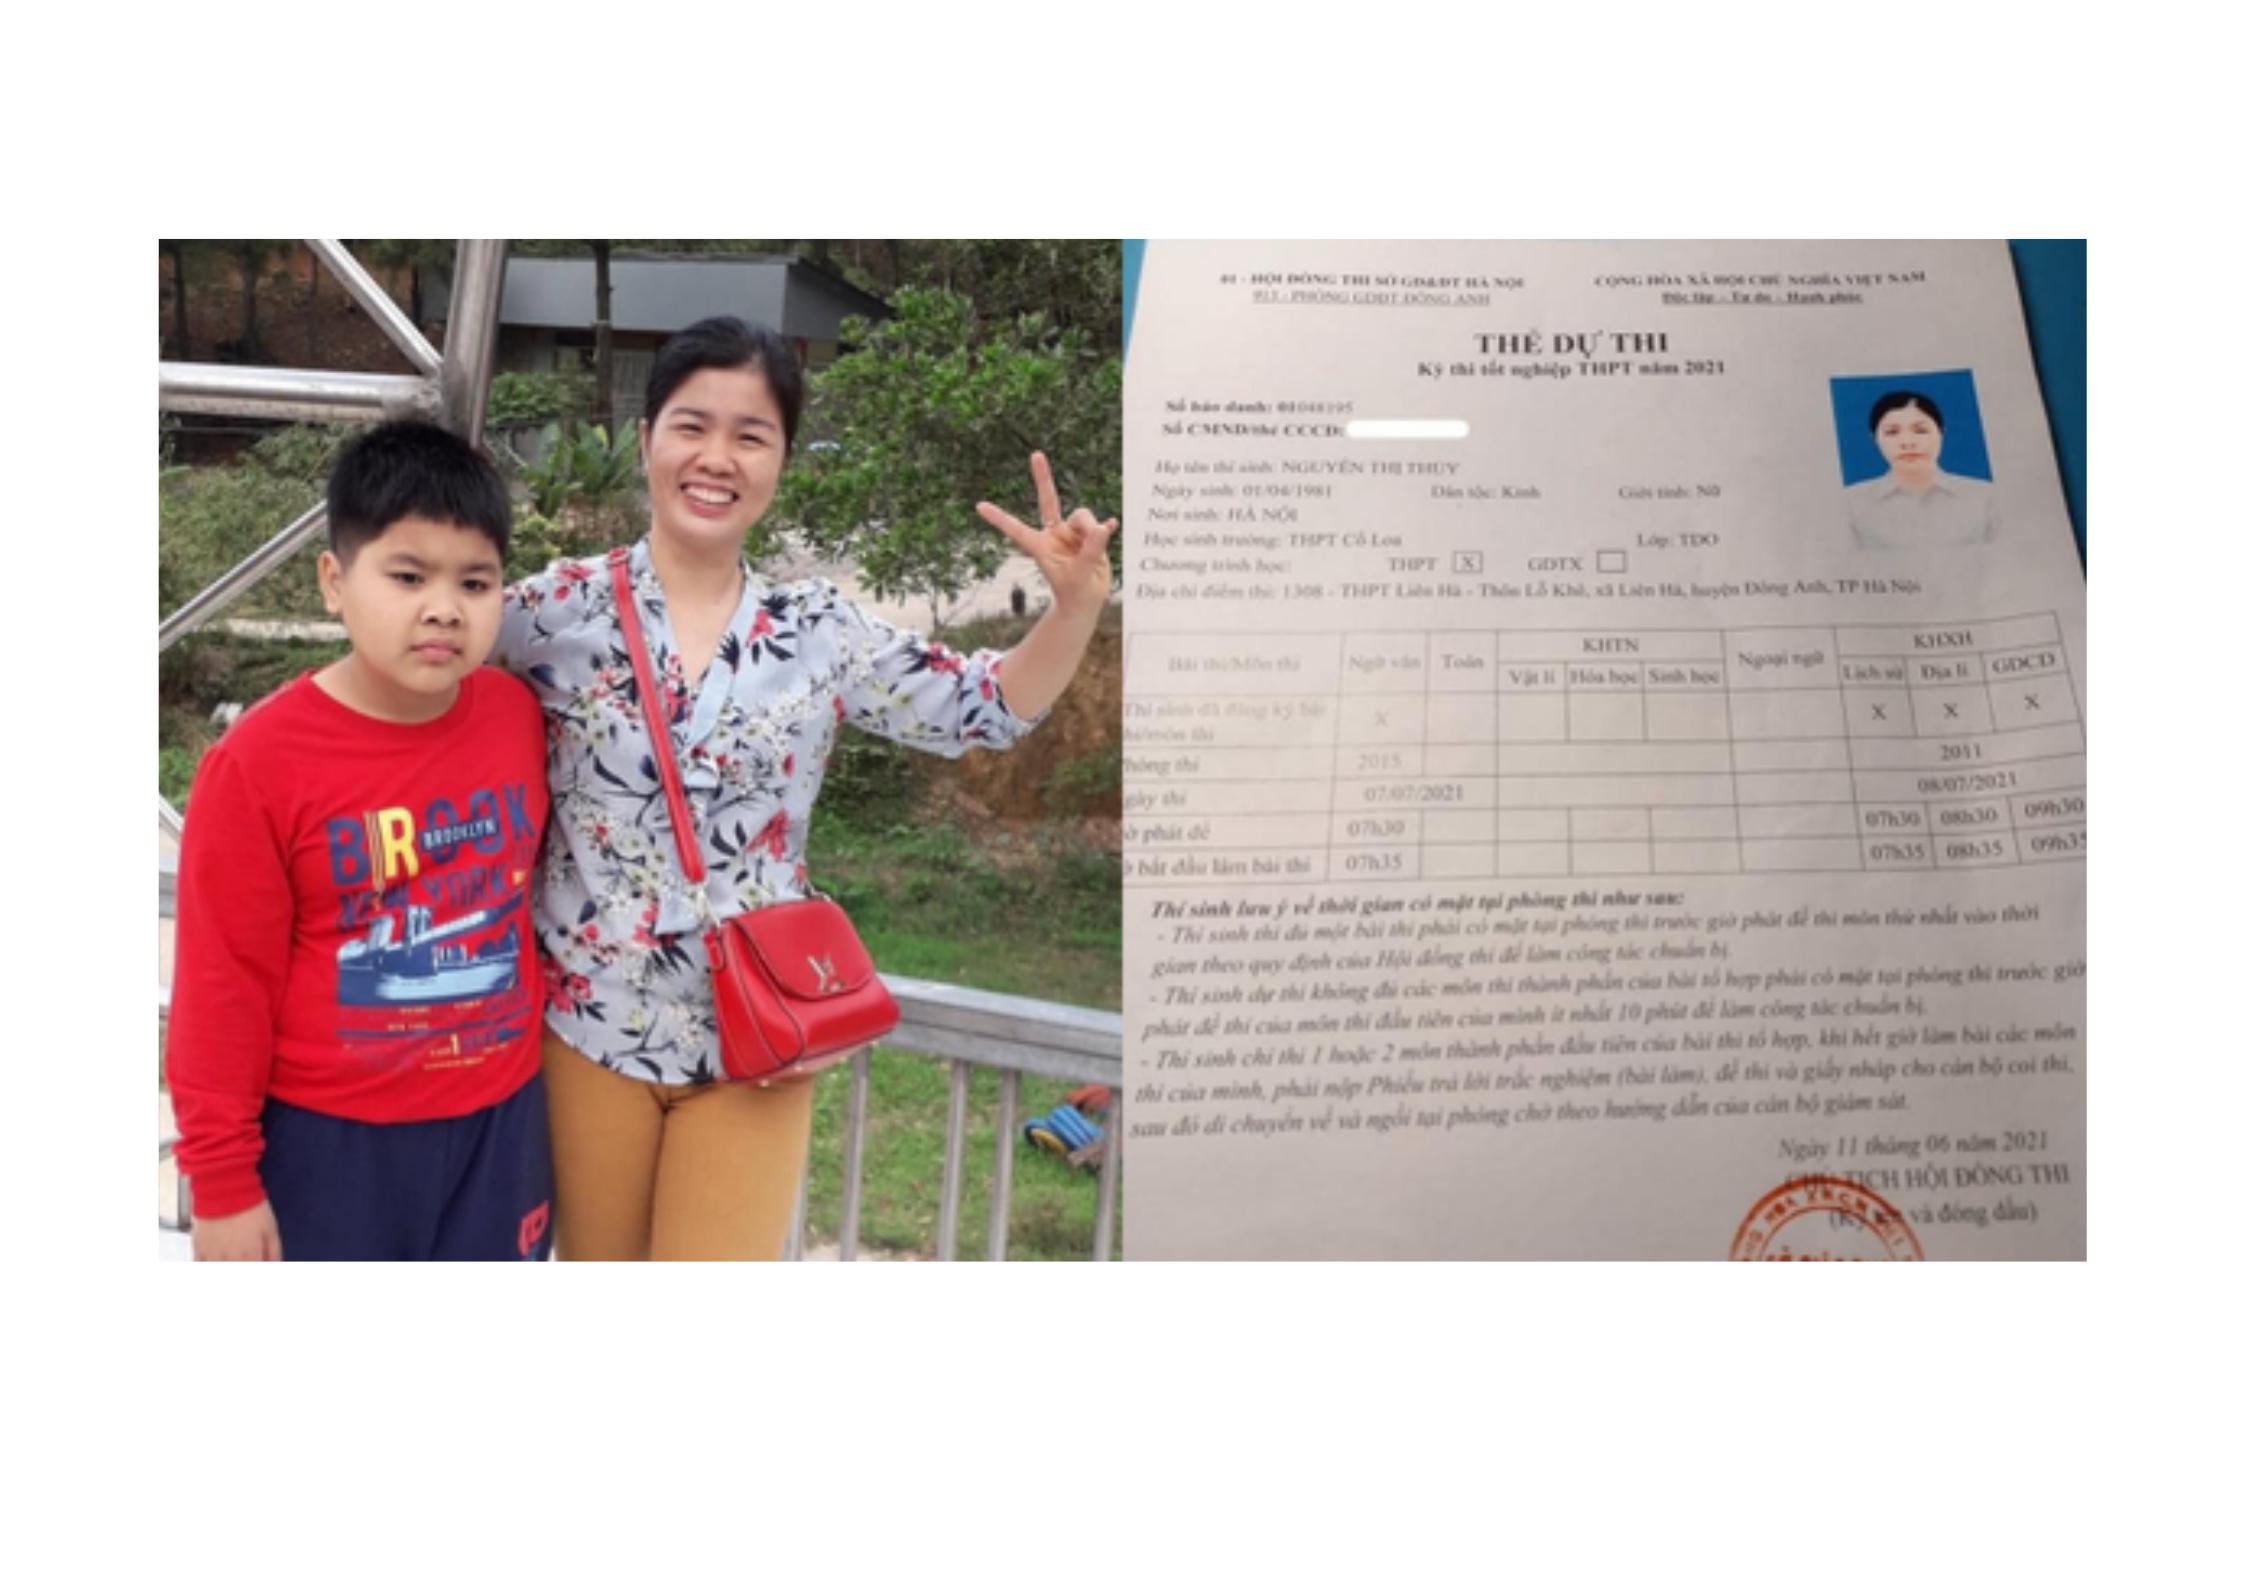 Góc mẹ nhà người ta: Người mẹ U40 tuổi đạt 27 điểm bài thi KHXH sau 21 ngày ôn luyện